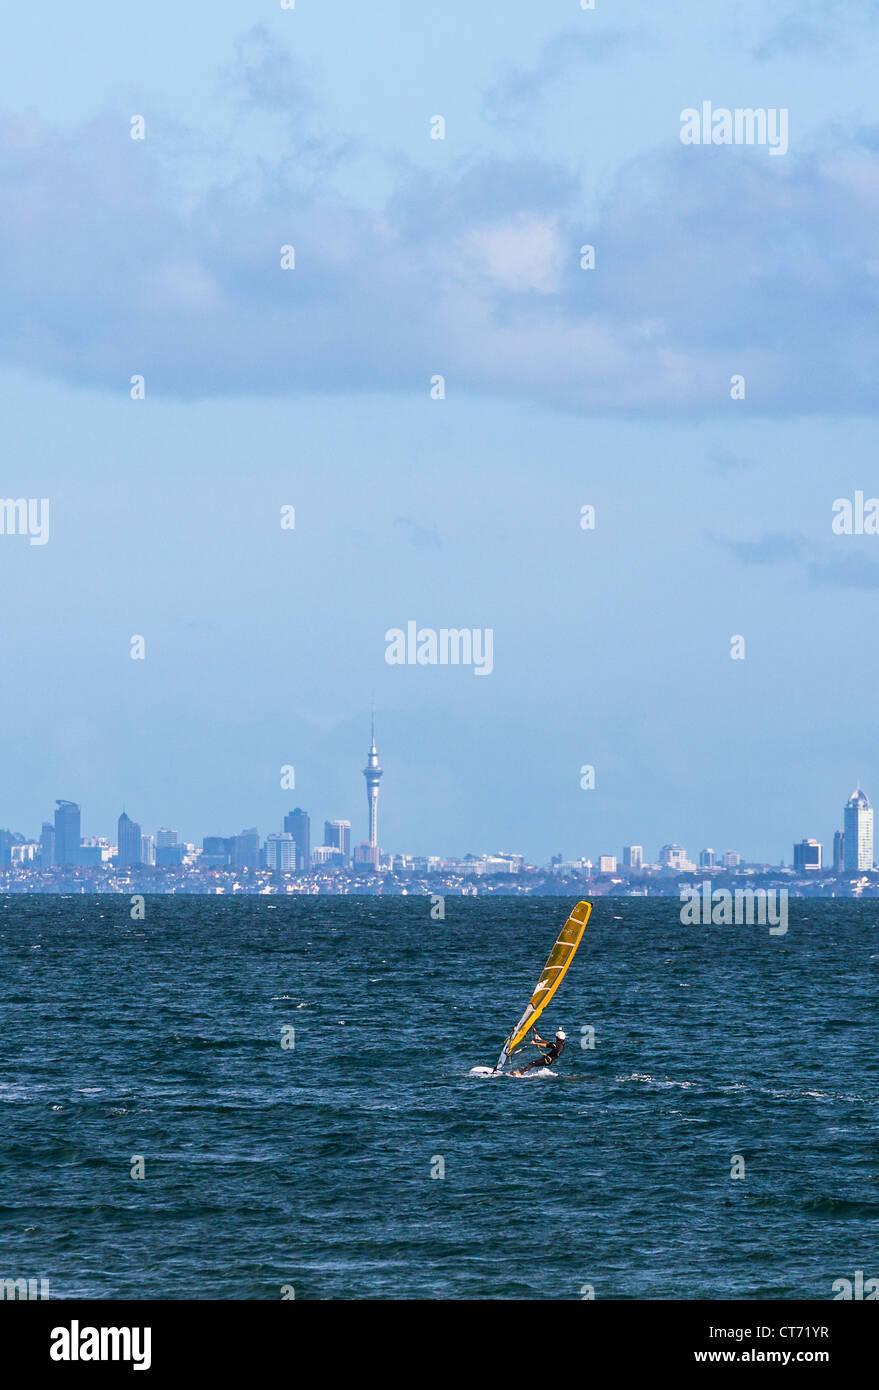 Wind Surf paisaje mar deporte de agua Imagen De Stock